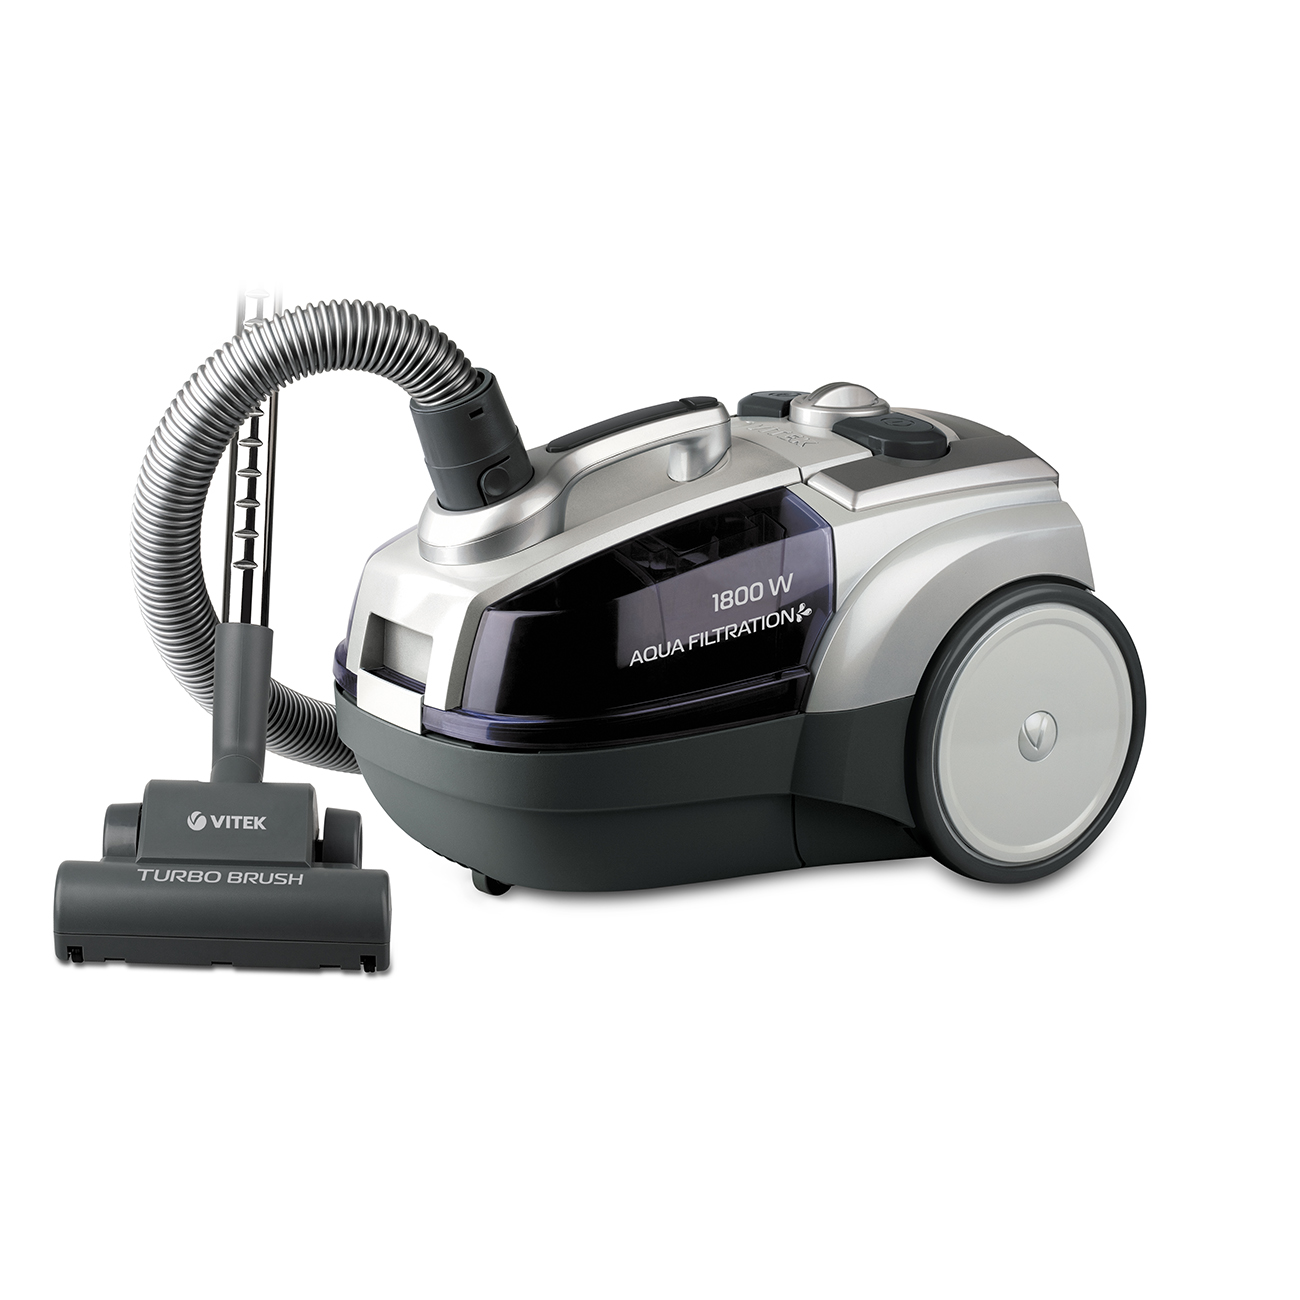 Electric vacuum cleaner Vitek VT-1833 PR electric vacuum cleaner vitek vt 1833 pr